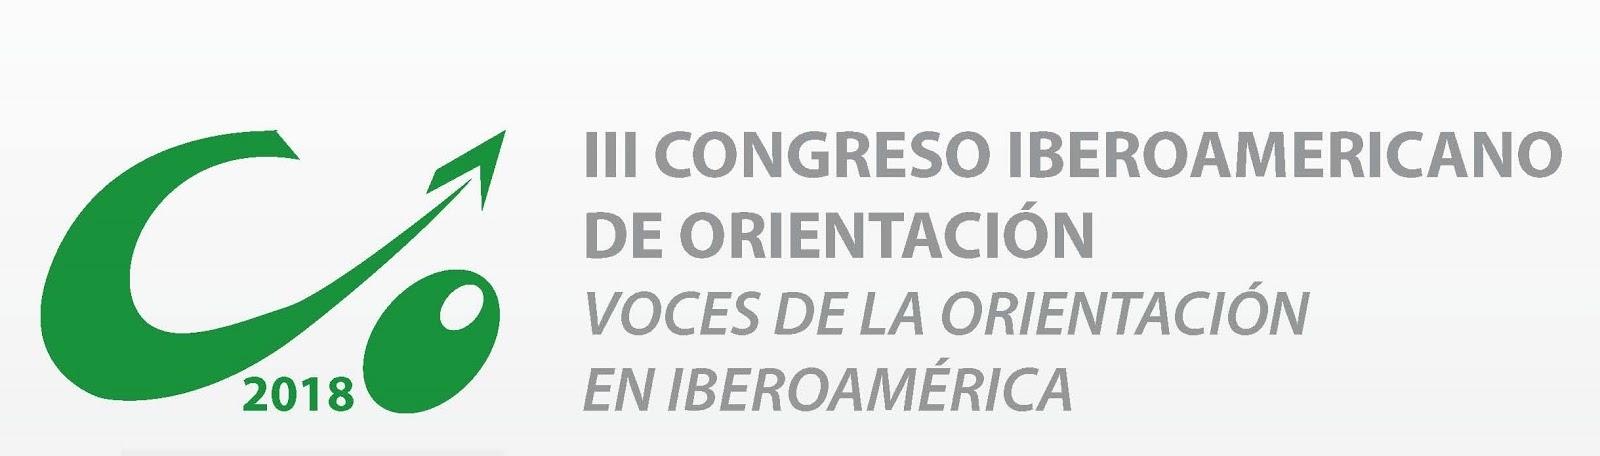 III Congreso Iberoamericano de Orientación en Argentina